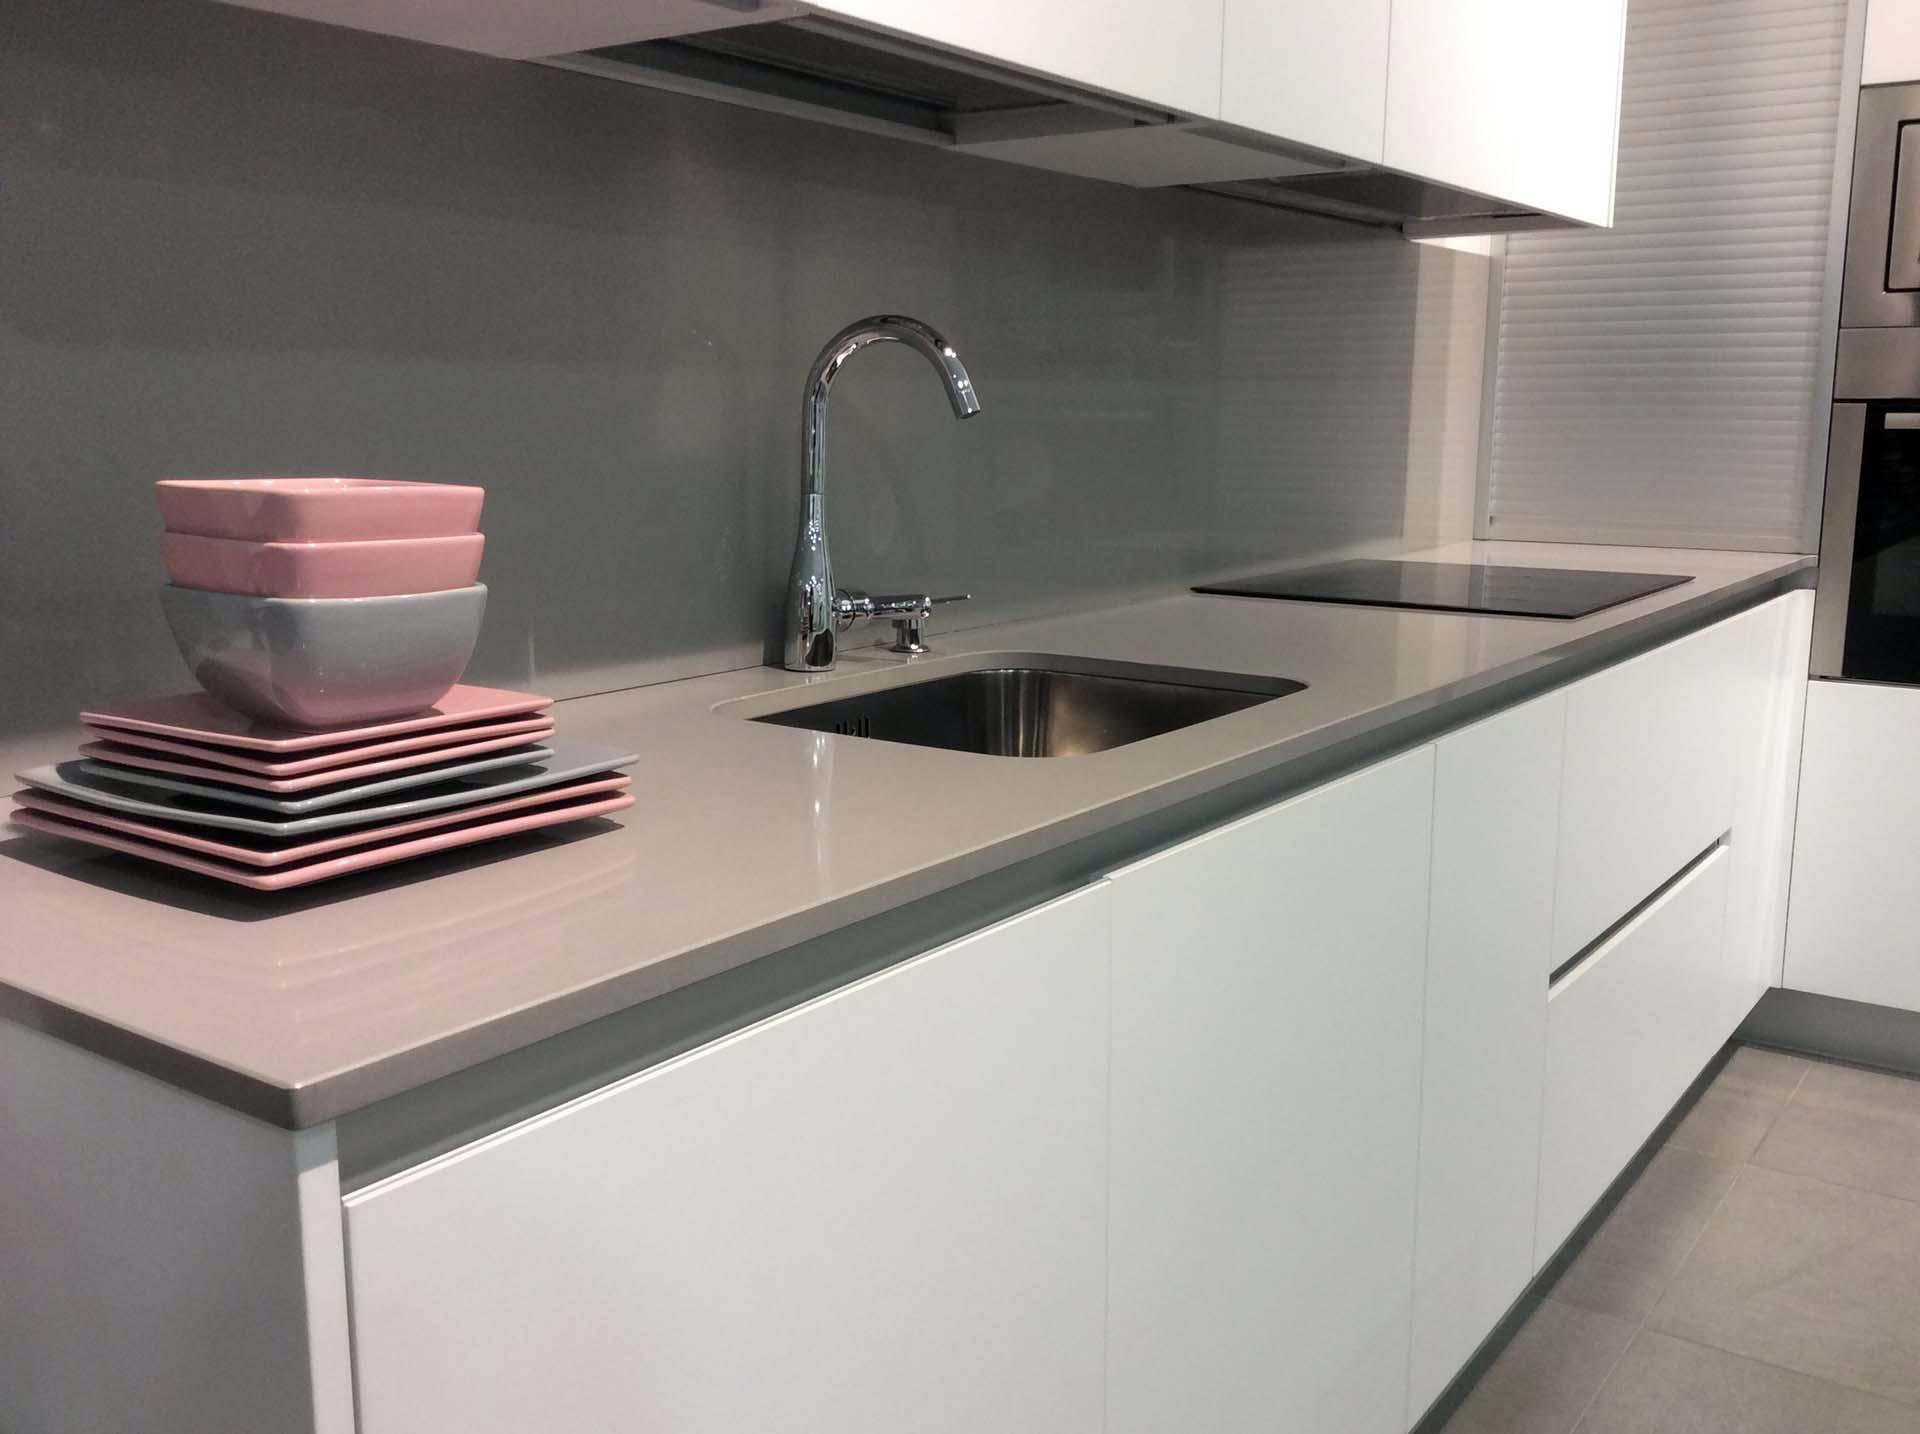 Cocina blanca con gola de aluminio mate  Arnit